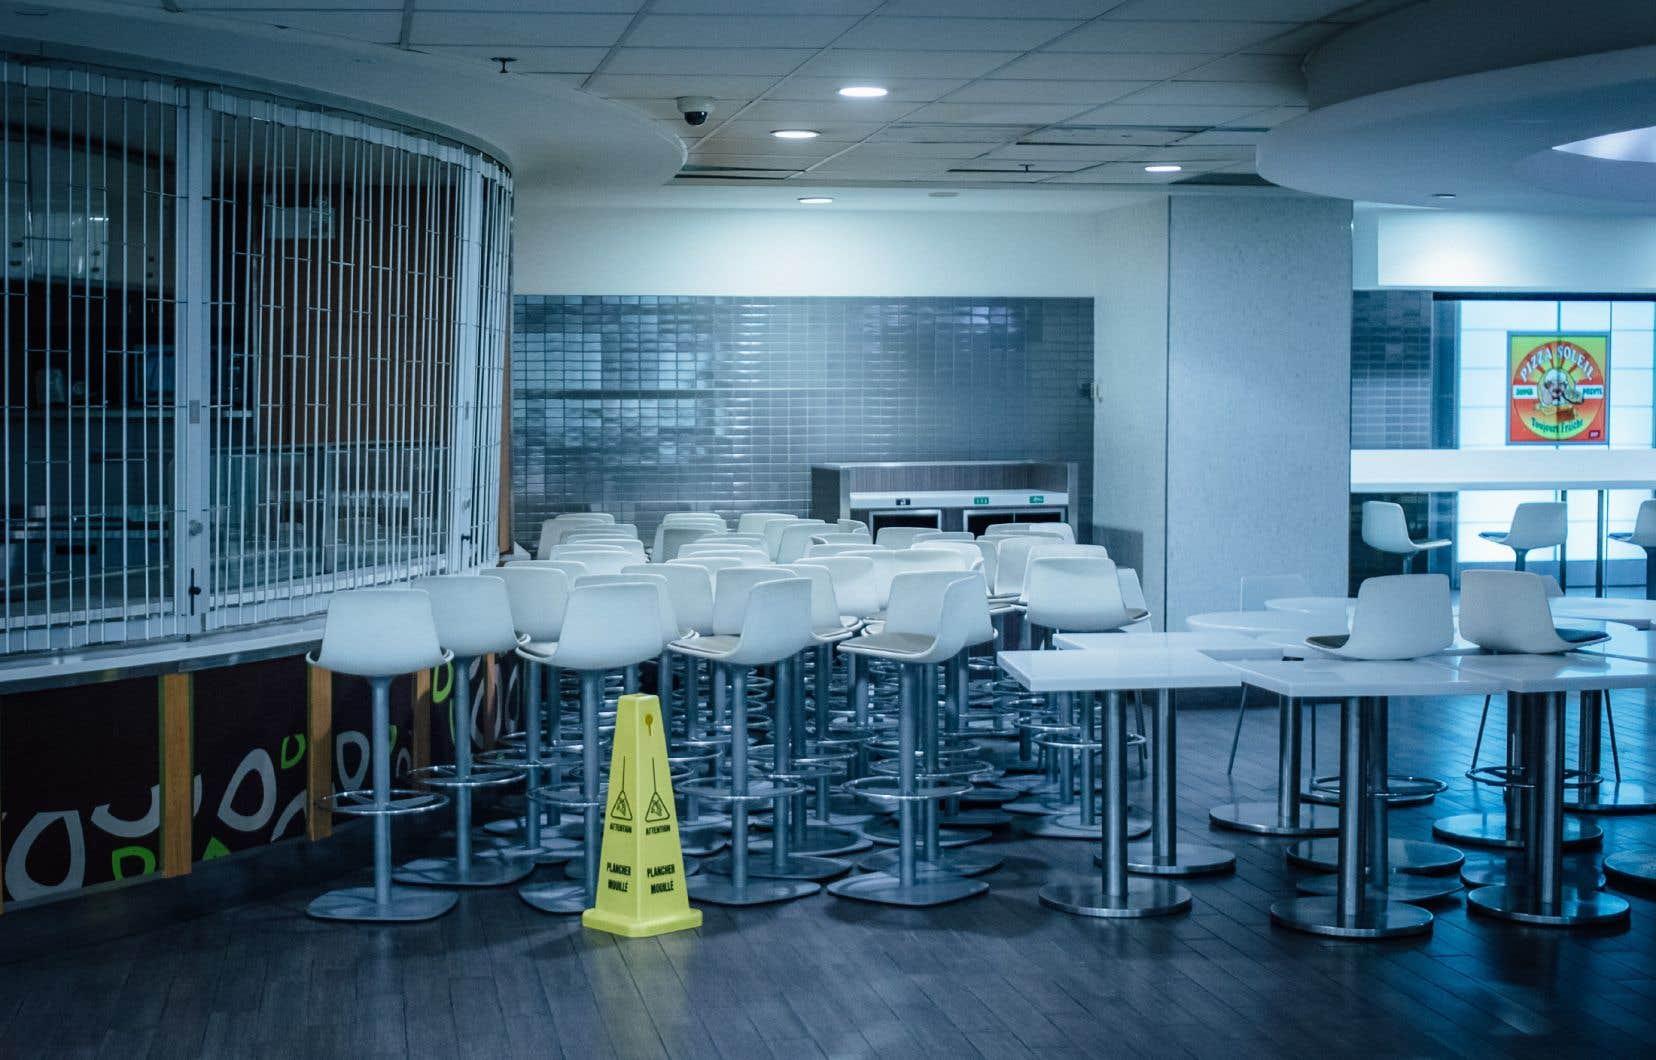 Le secteur de l'hébergement et de la restauration a essuyé les plus grandes pertes avec un recul de plus de 40% du nombre total d'heures travaillées.